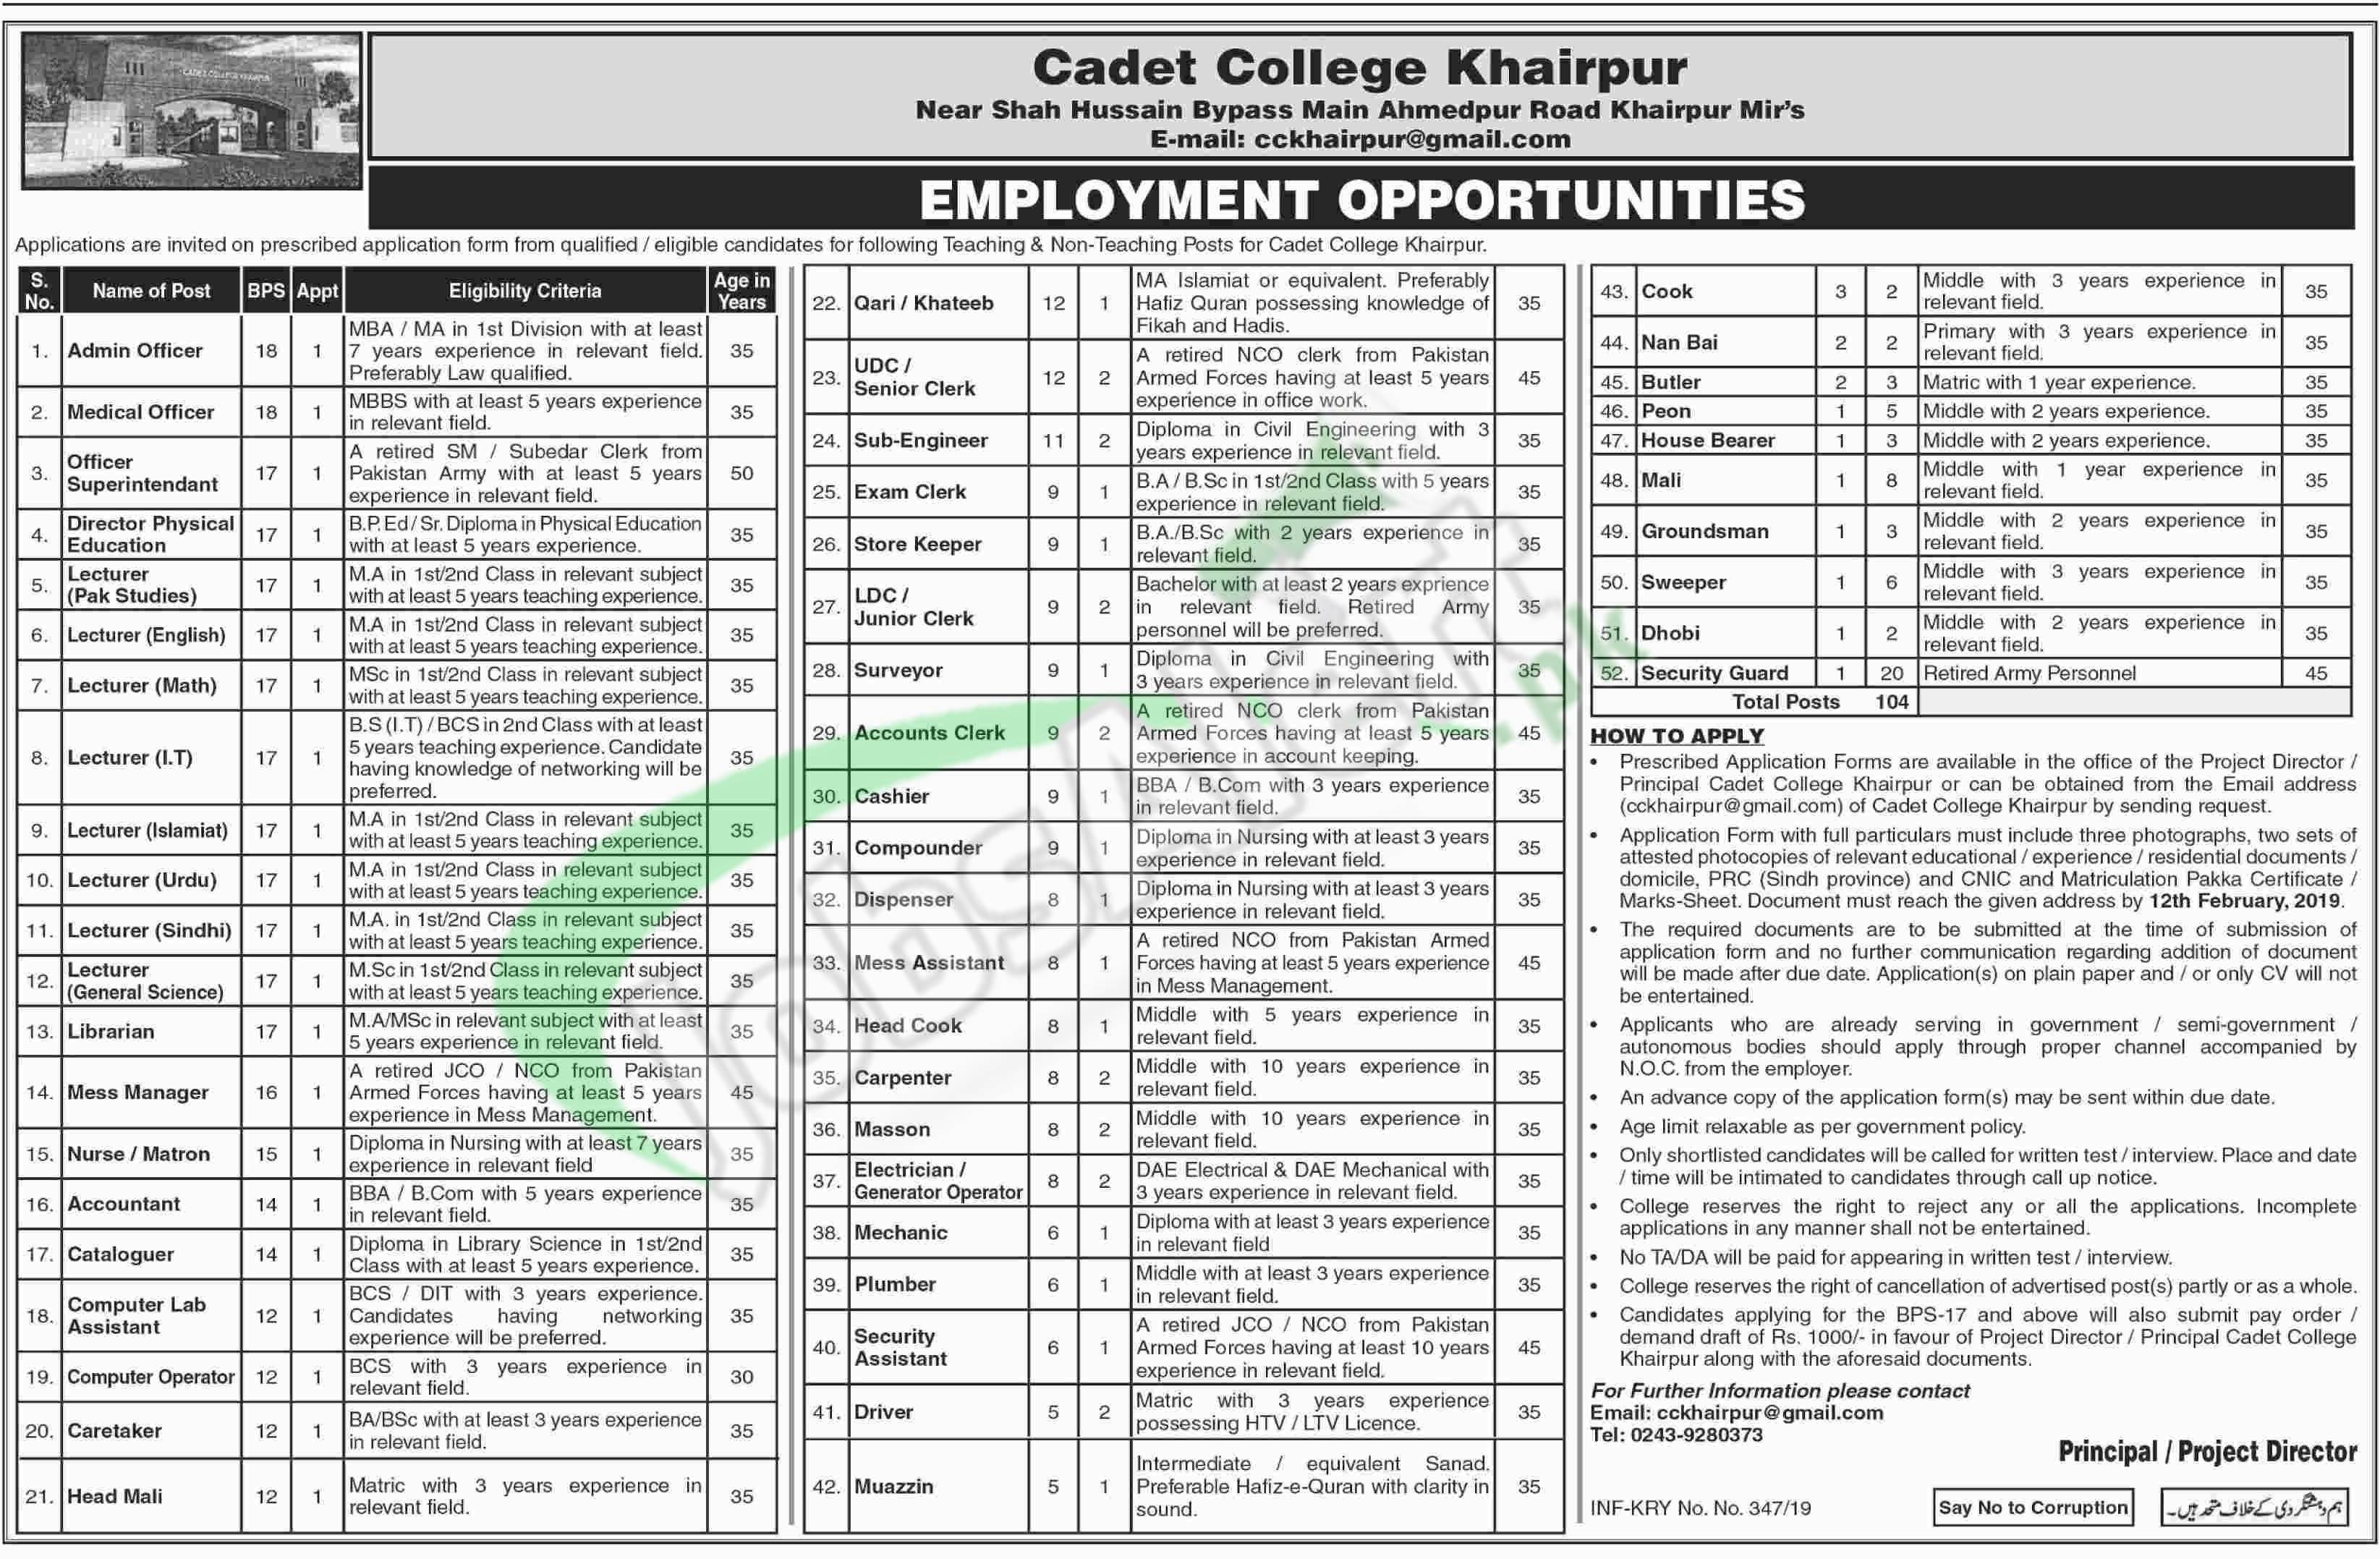 Cadet College Khairpur Jobs